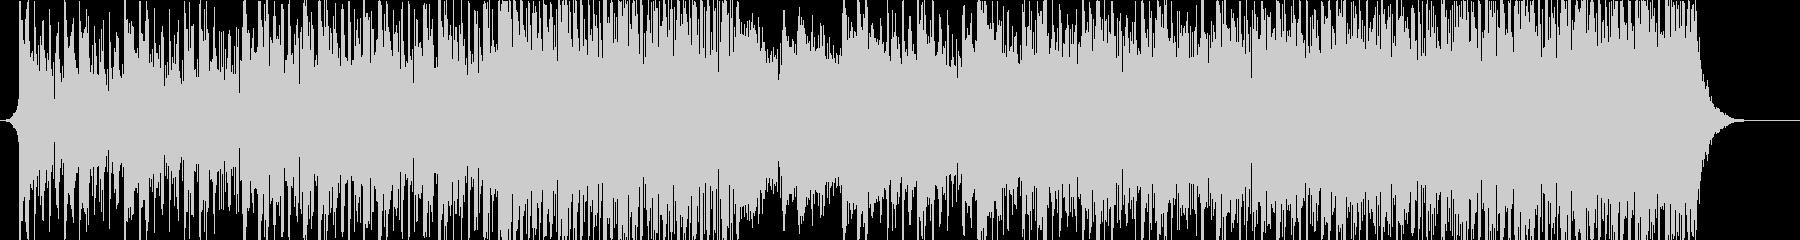 感動的なアンビエントハウスミュージックの未再生の波形